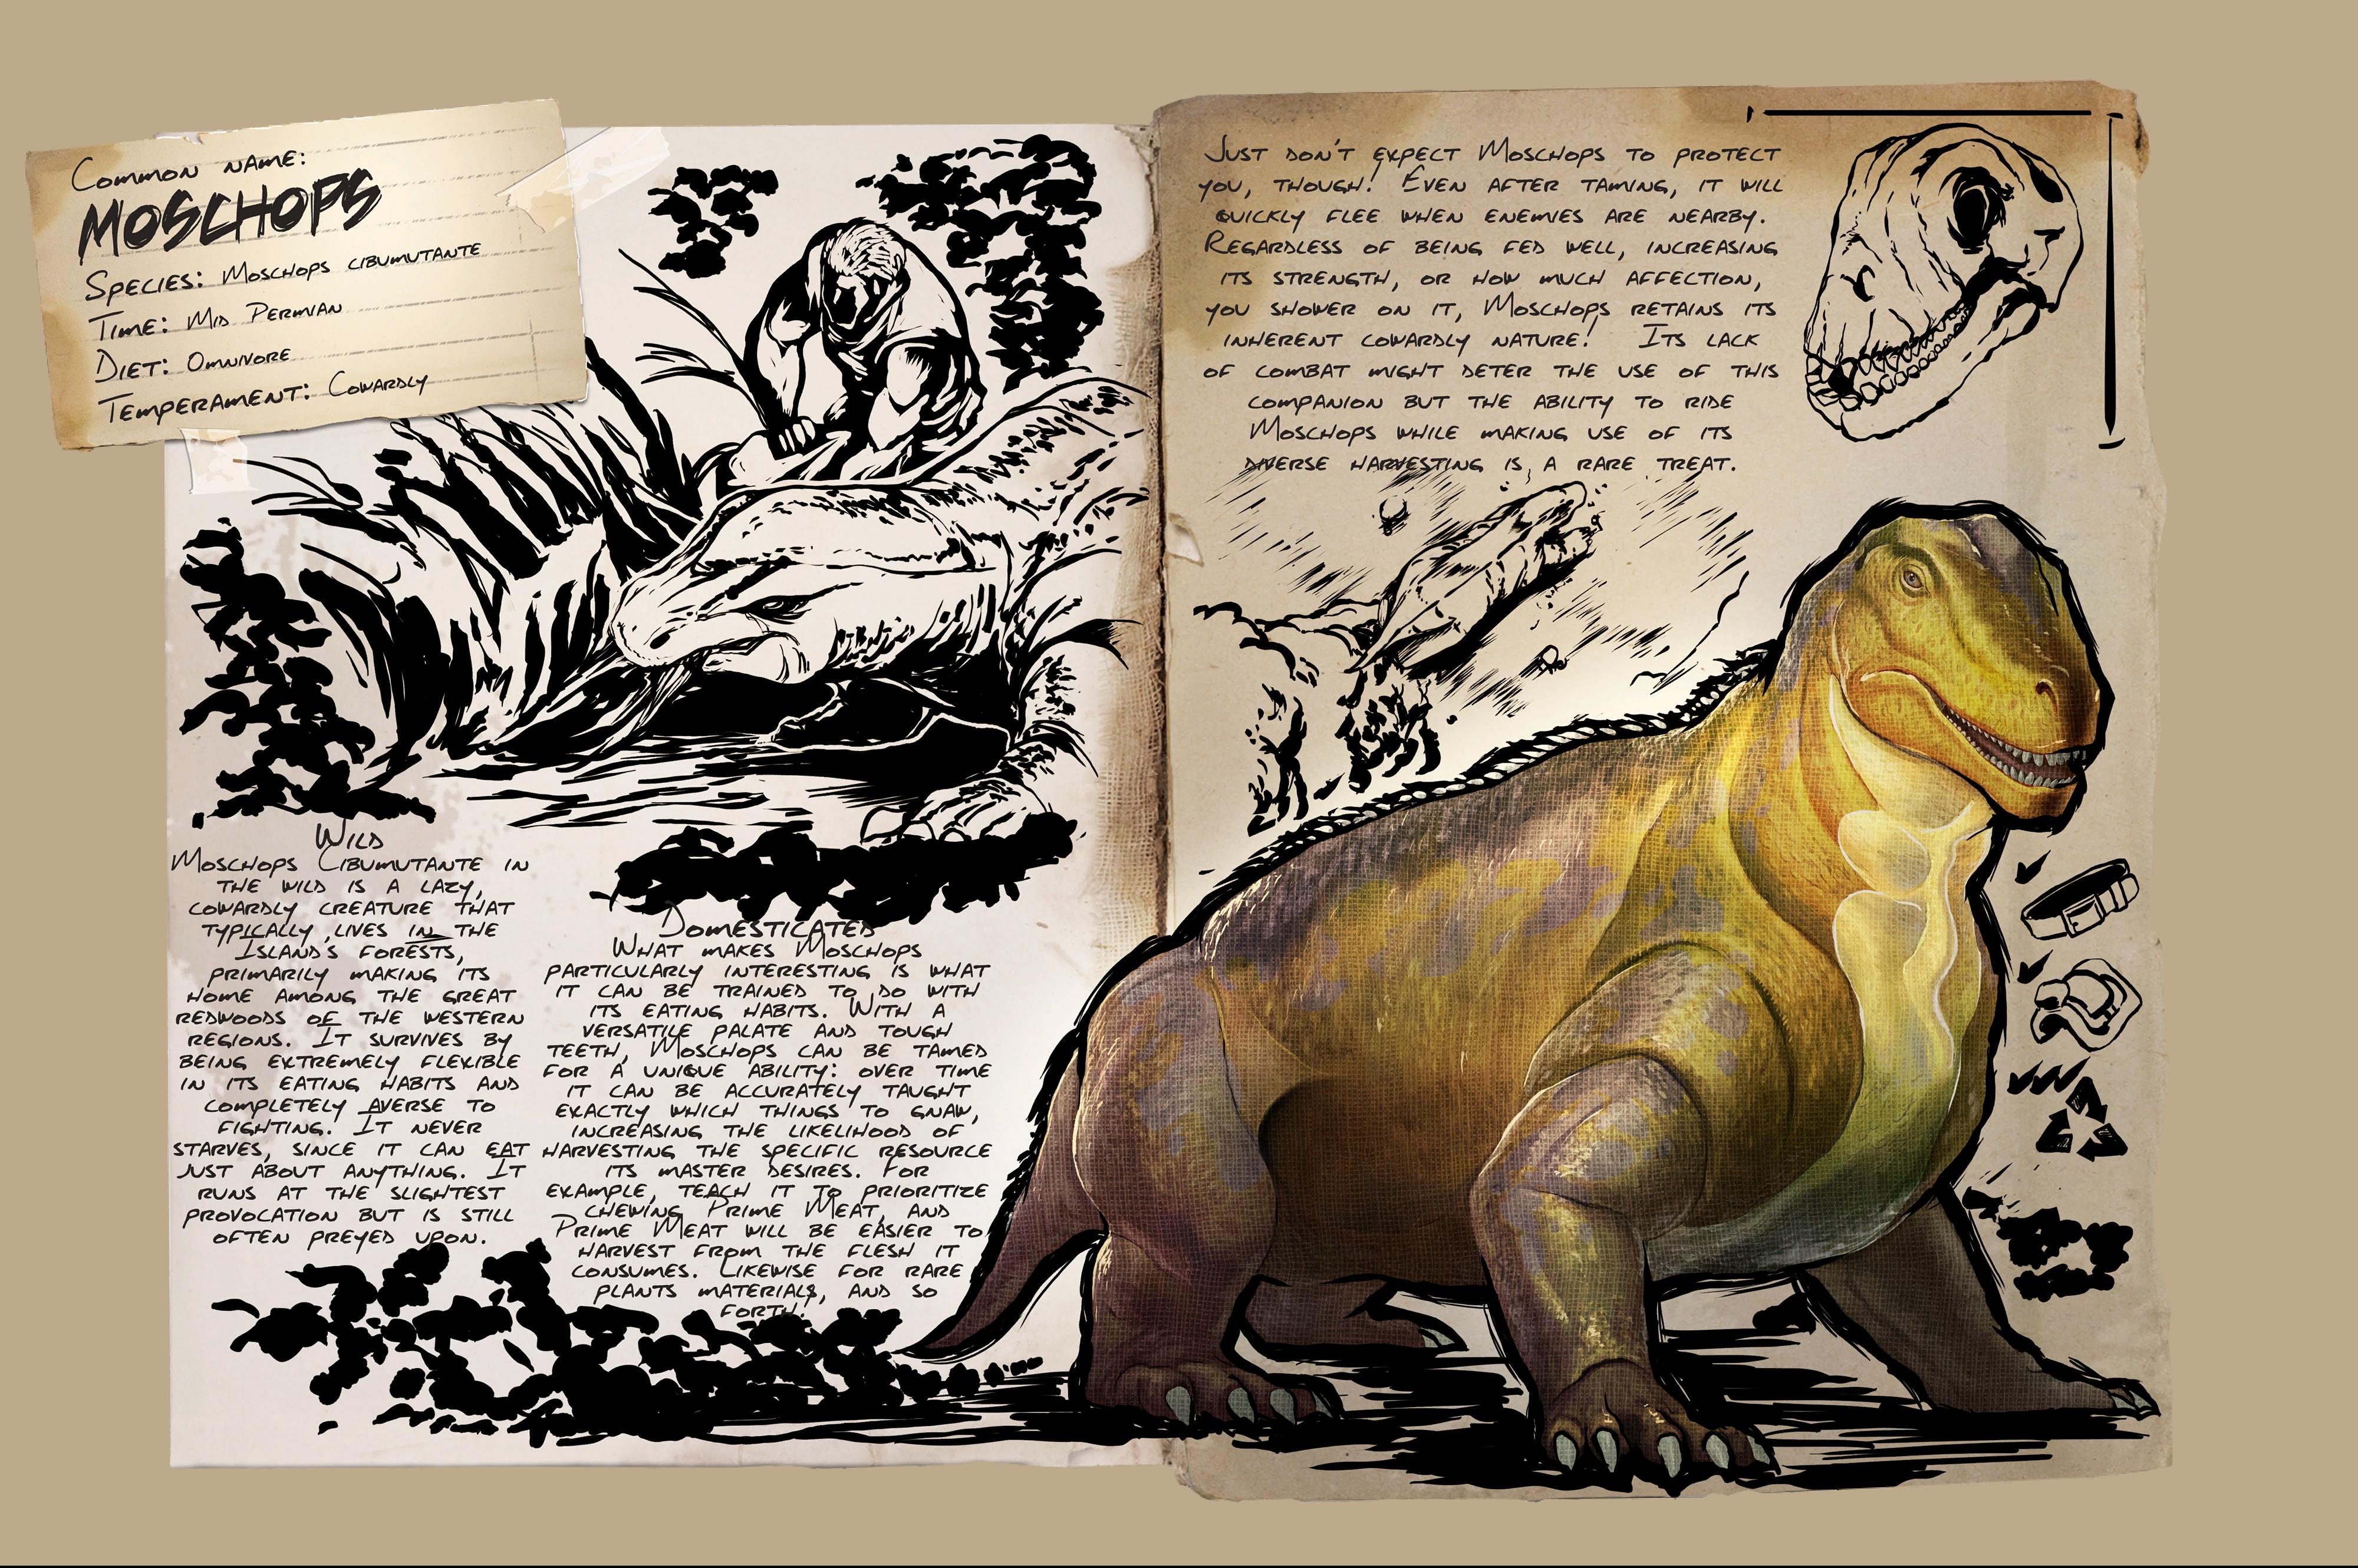 Deutsches Dino Dossier: Moschops